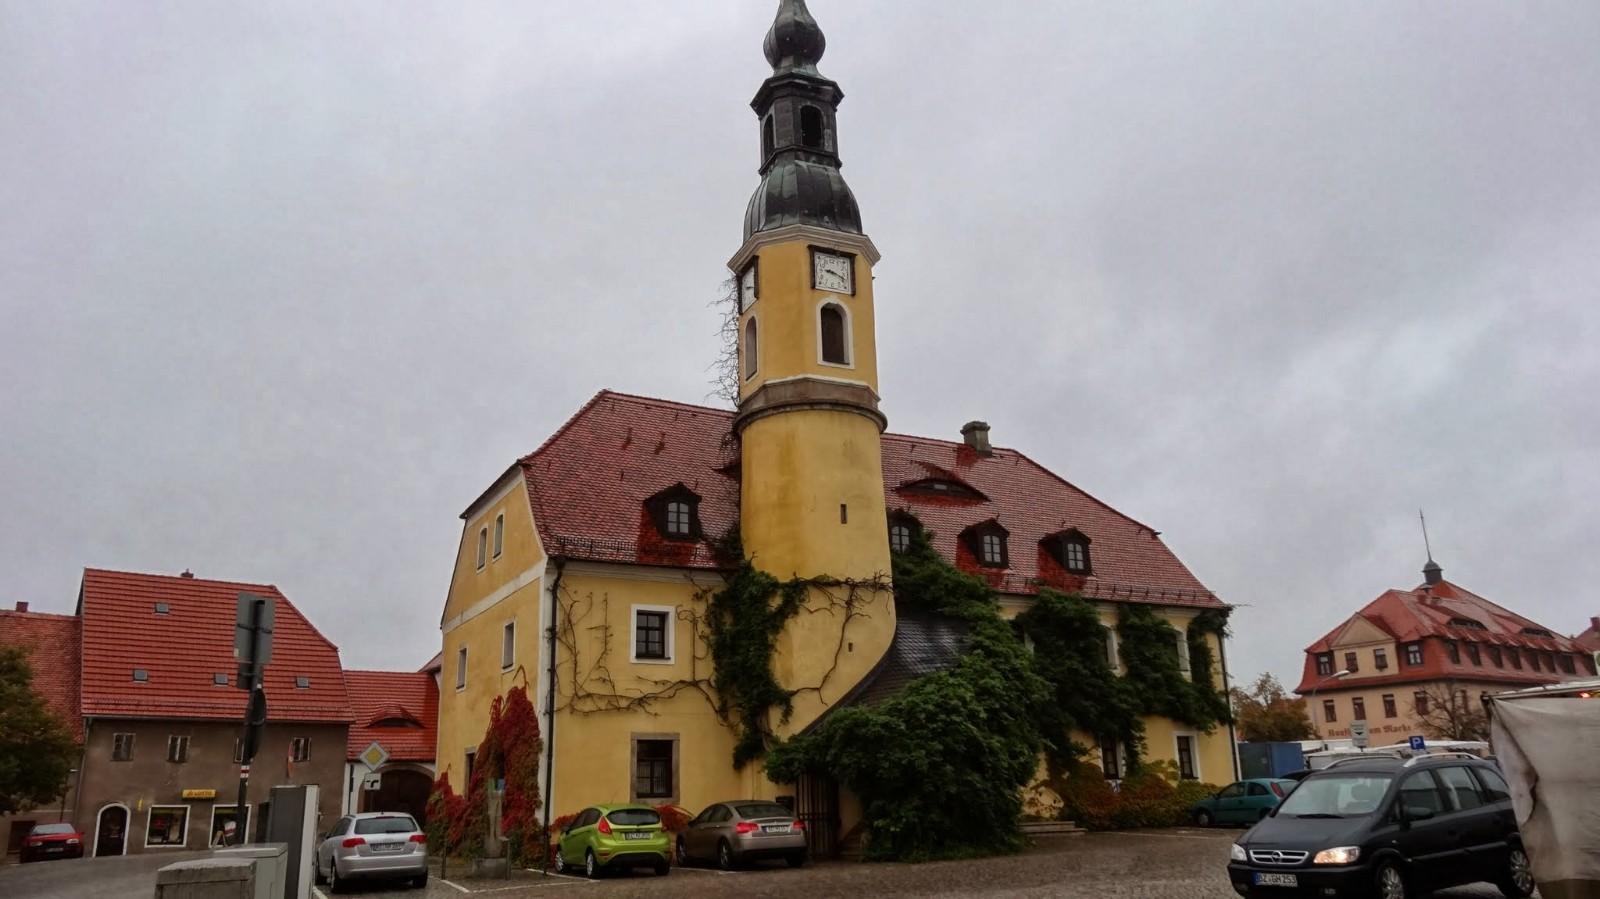 Rathaus in Weißenberg